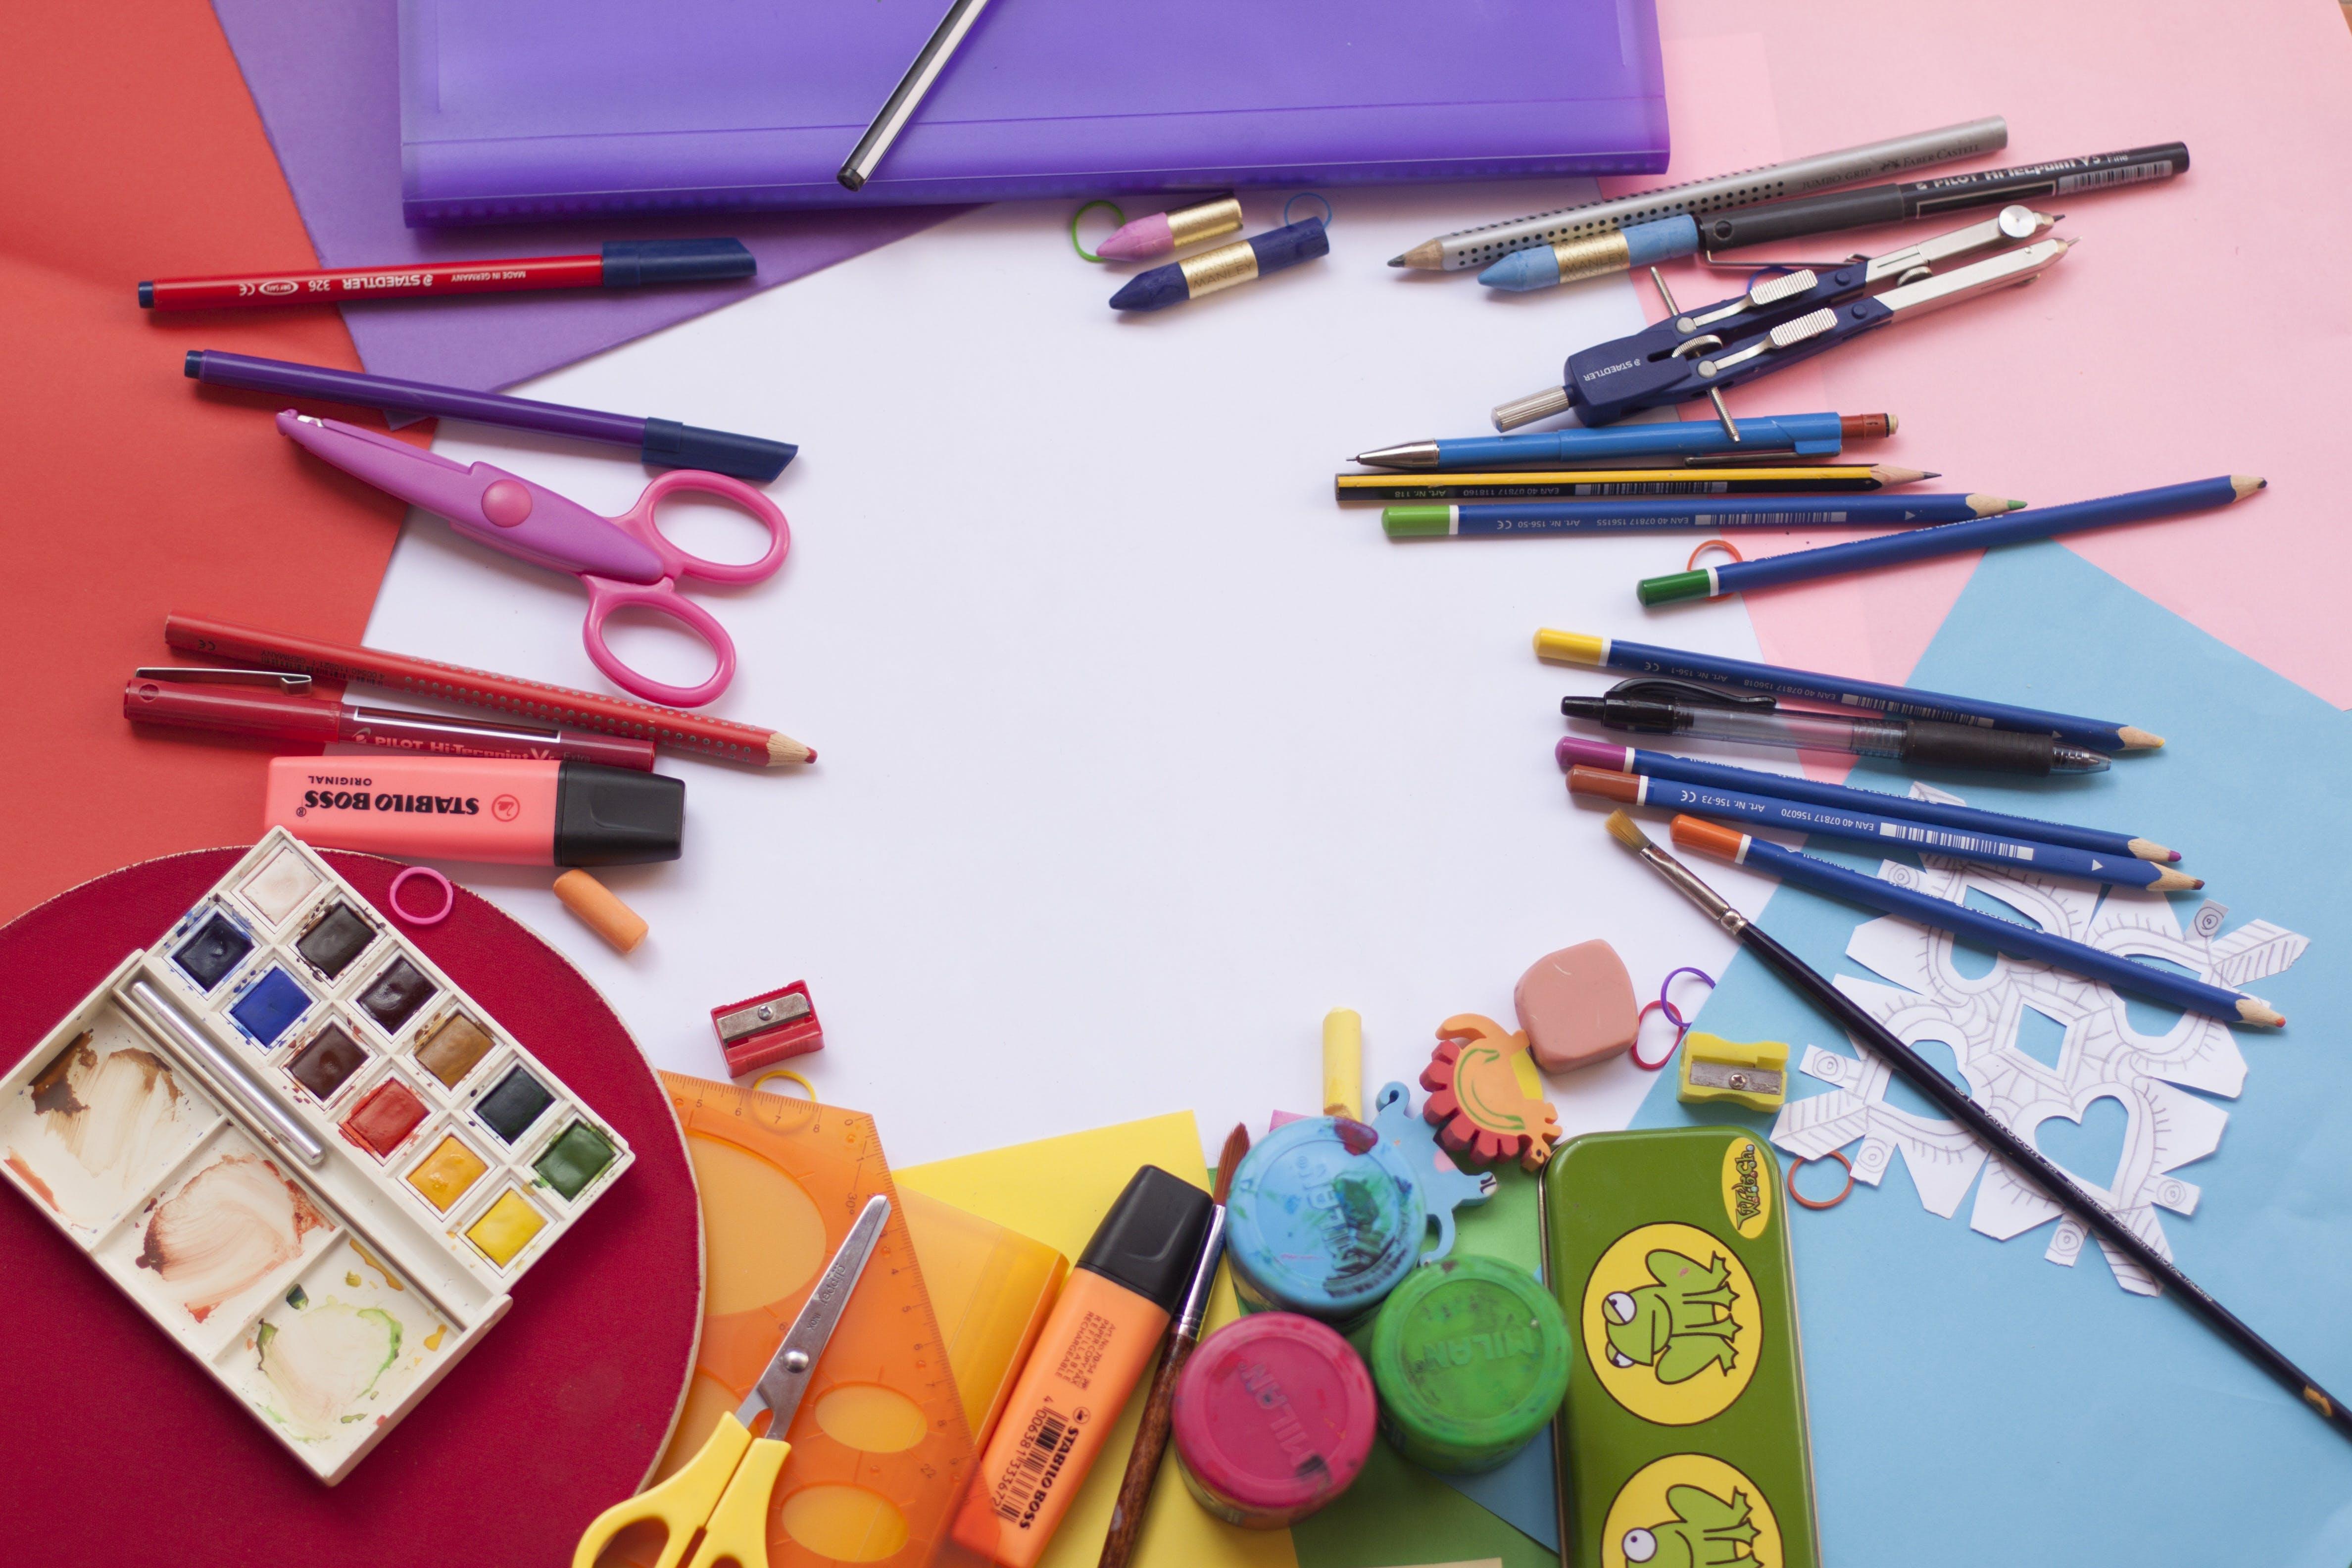 Siapkan semua keperluan sekolah anak di malam sebelumnya untuk mencegah anak terburu-buru di pagi hari. (Foto: Pexels)